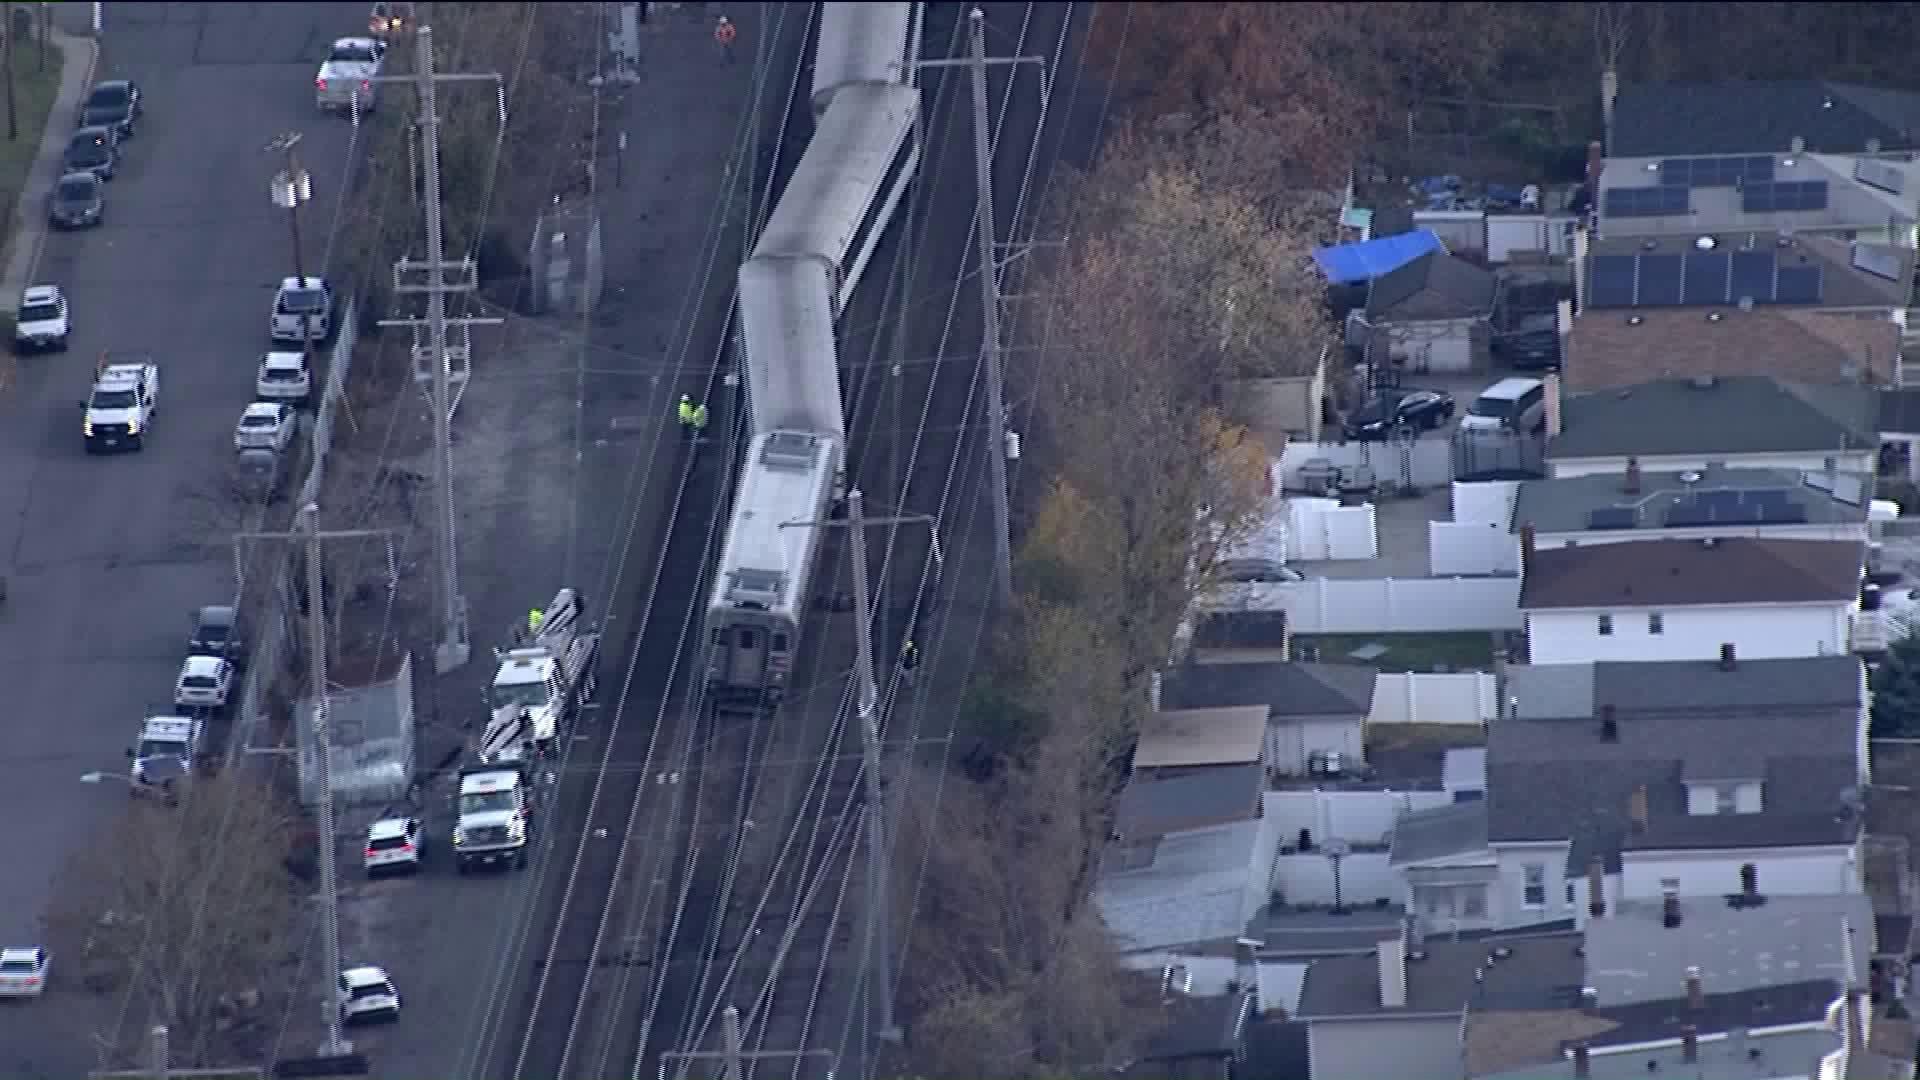 NJ Transit train derailment near Woodbridge station